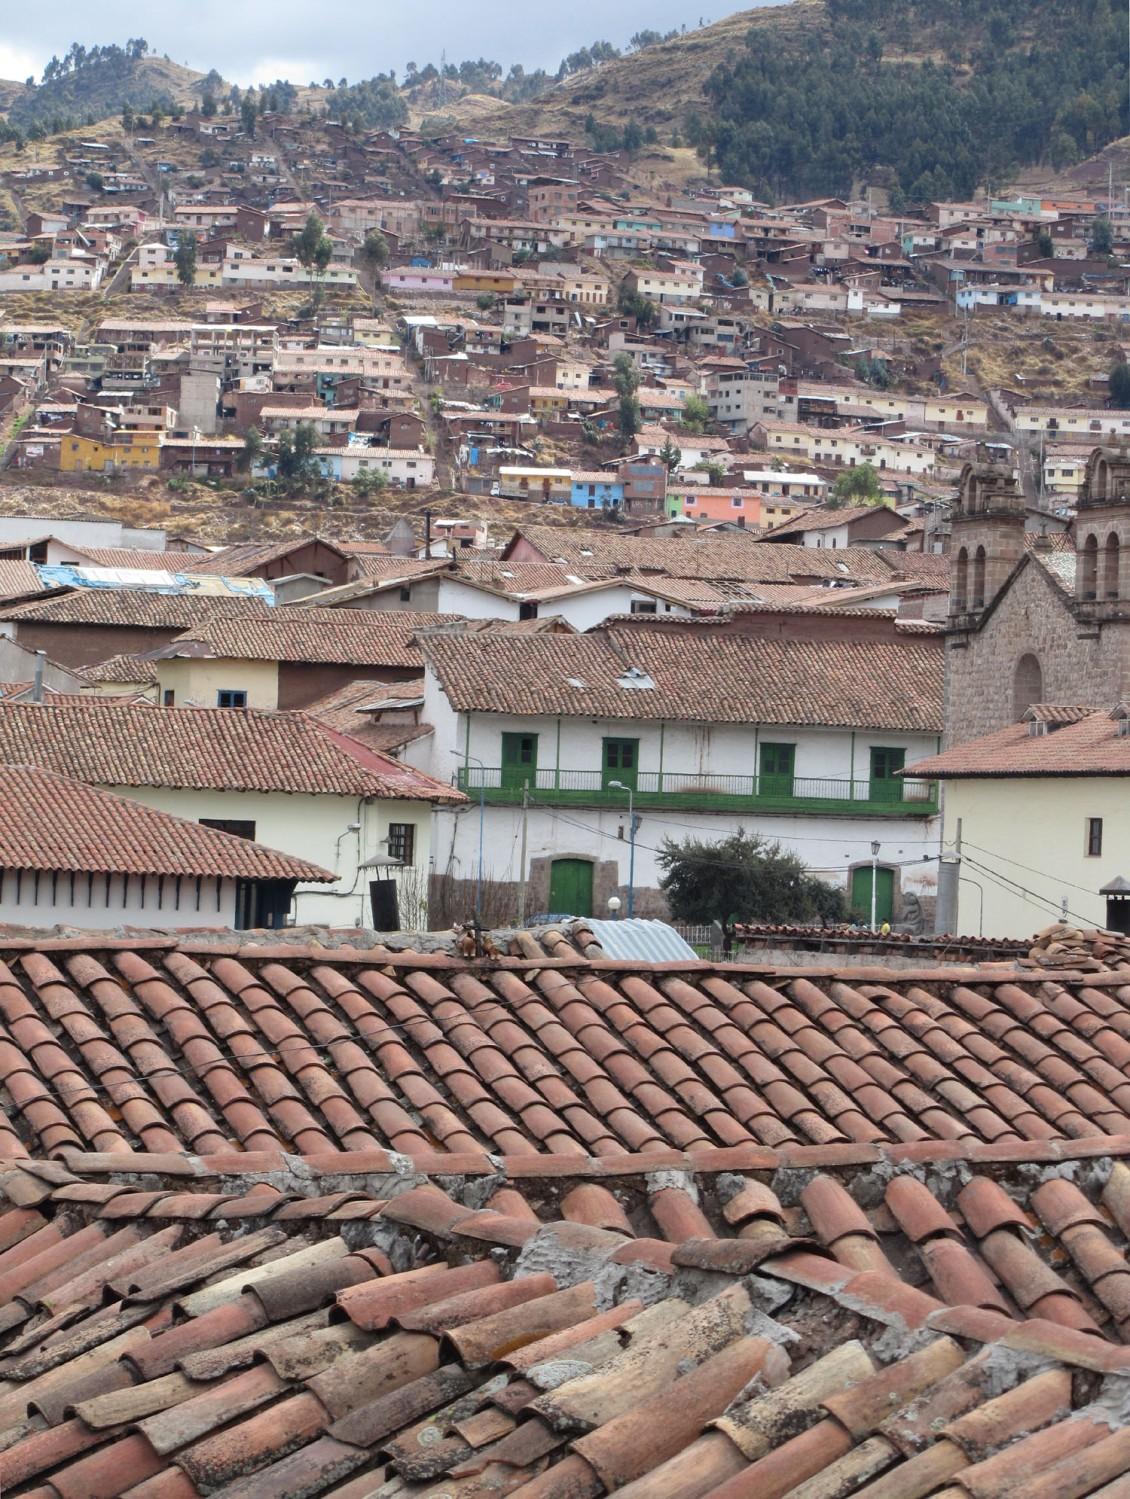 Peru-Cusco-Rooftops